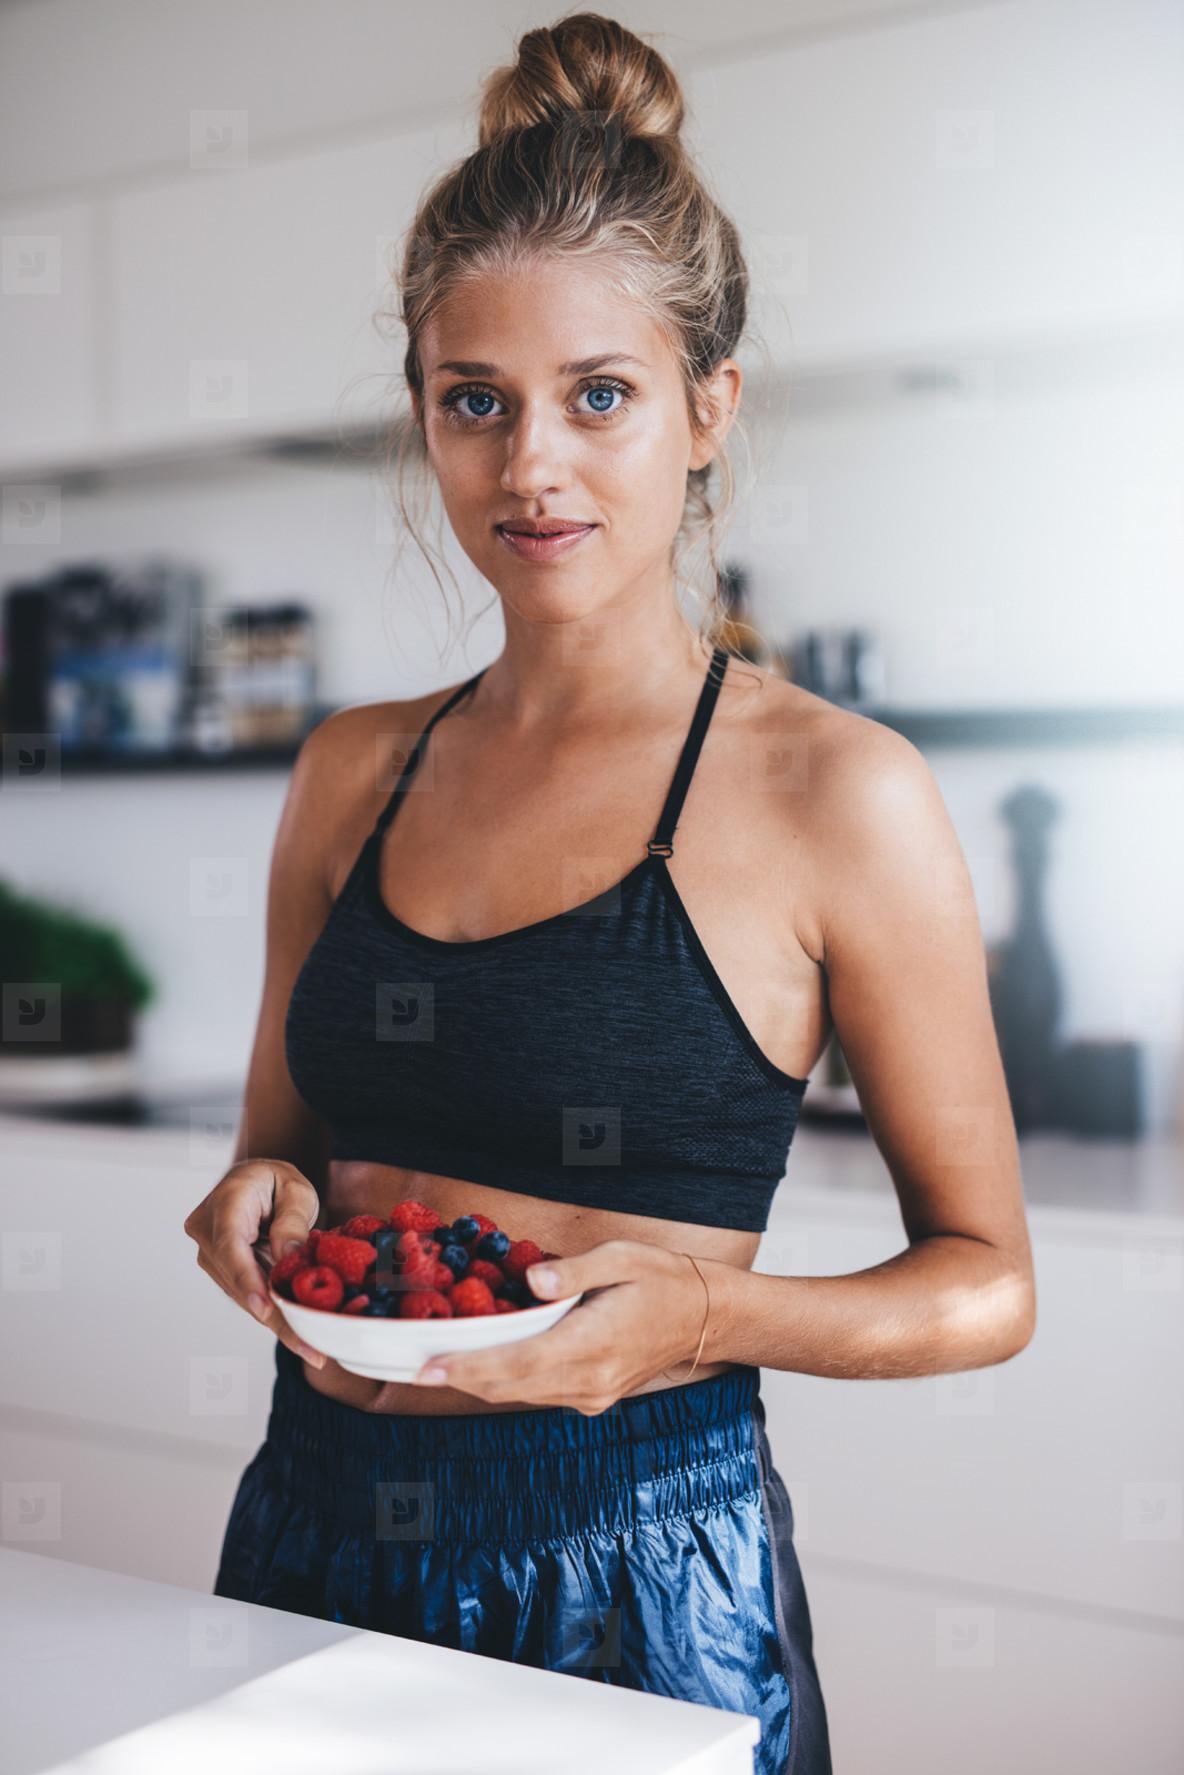 Woman having healthy breakfast in kitchen